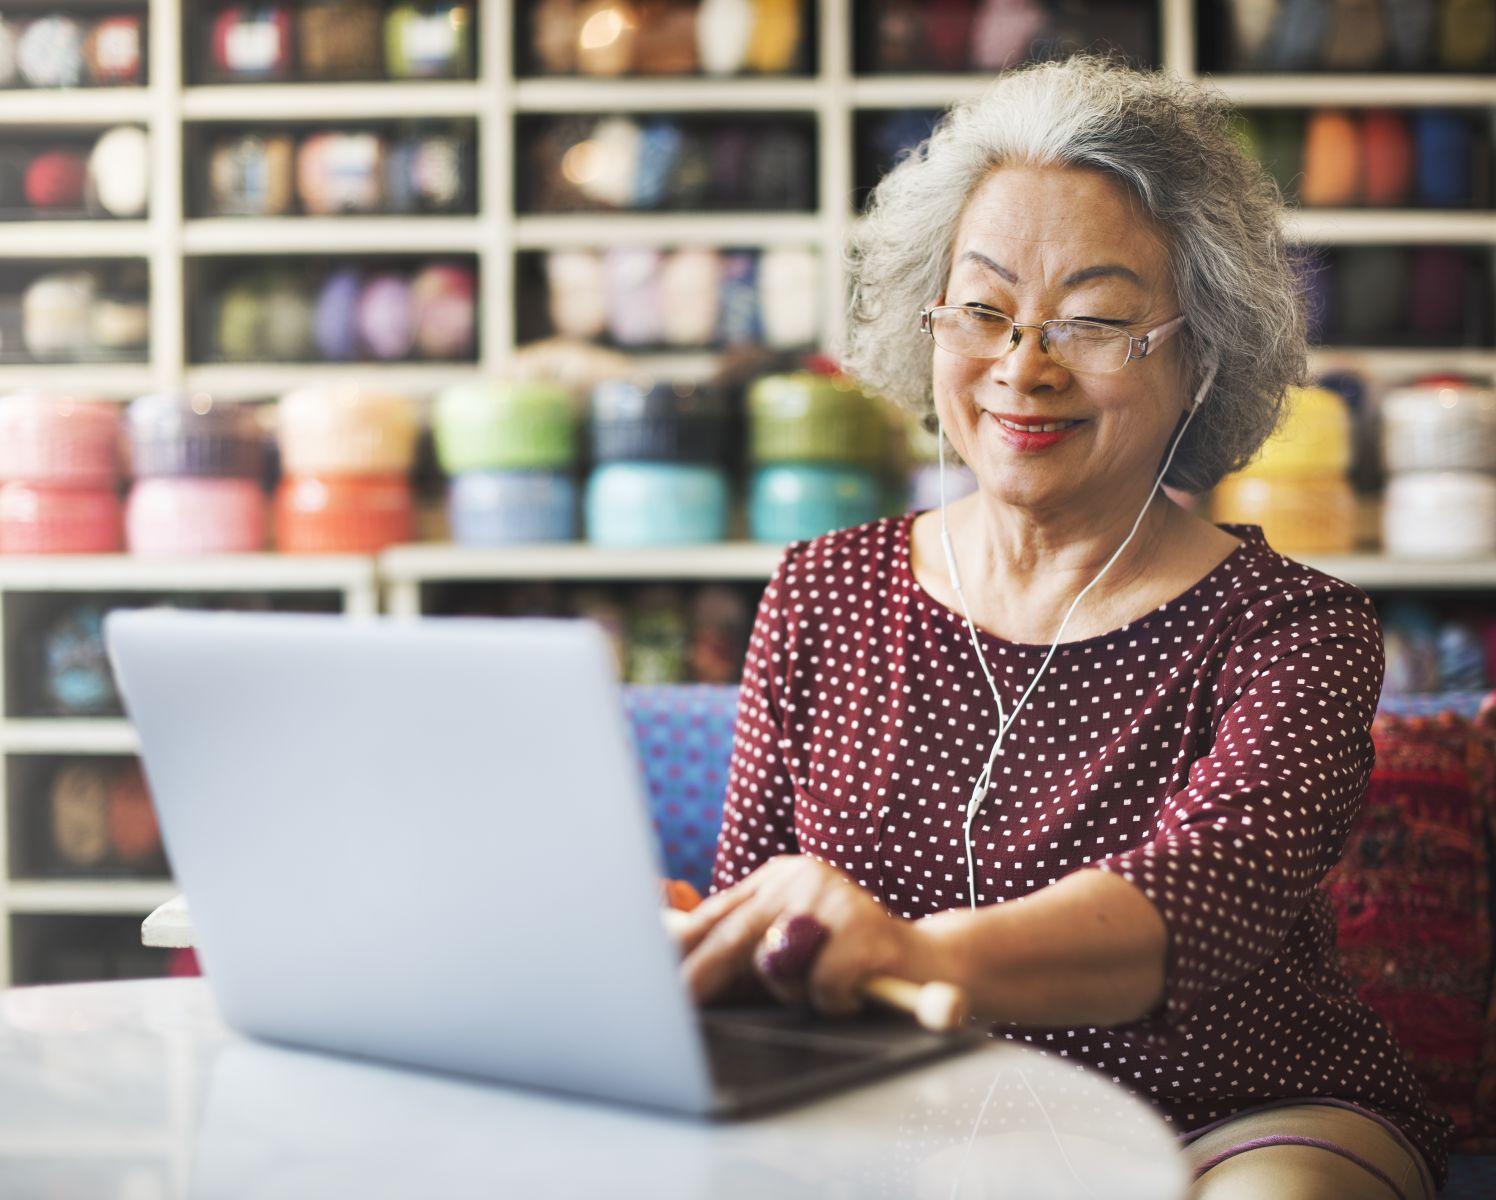 台灣高齡化社會來臨,你有思考過職涯該怎麼規劃嗎?